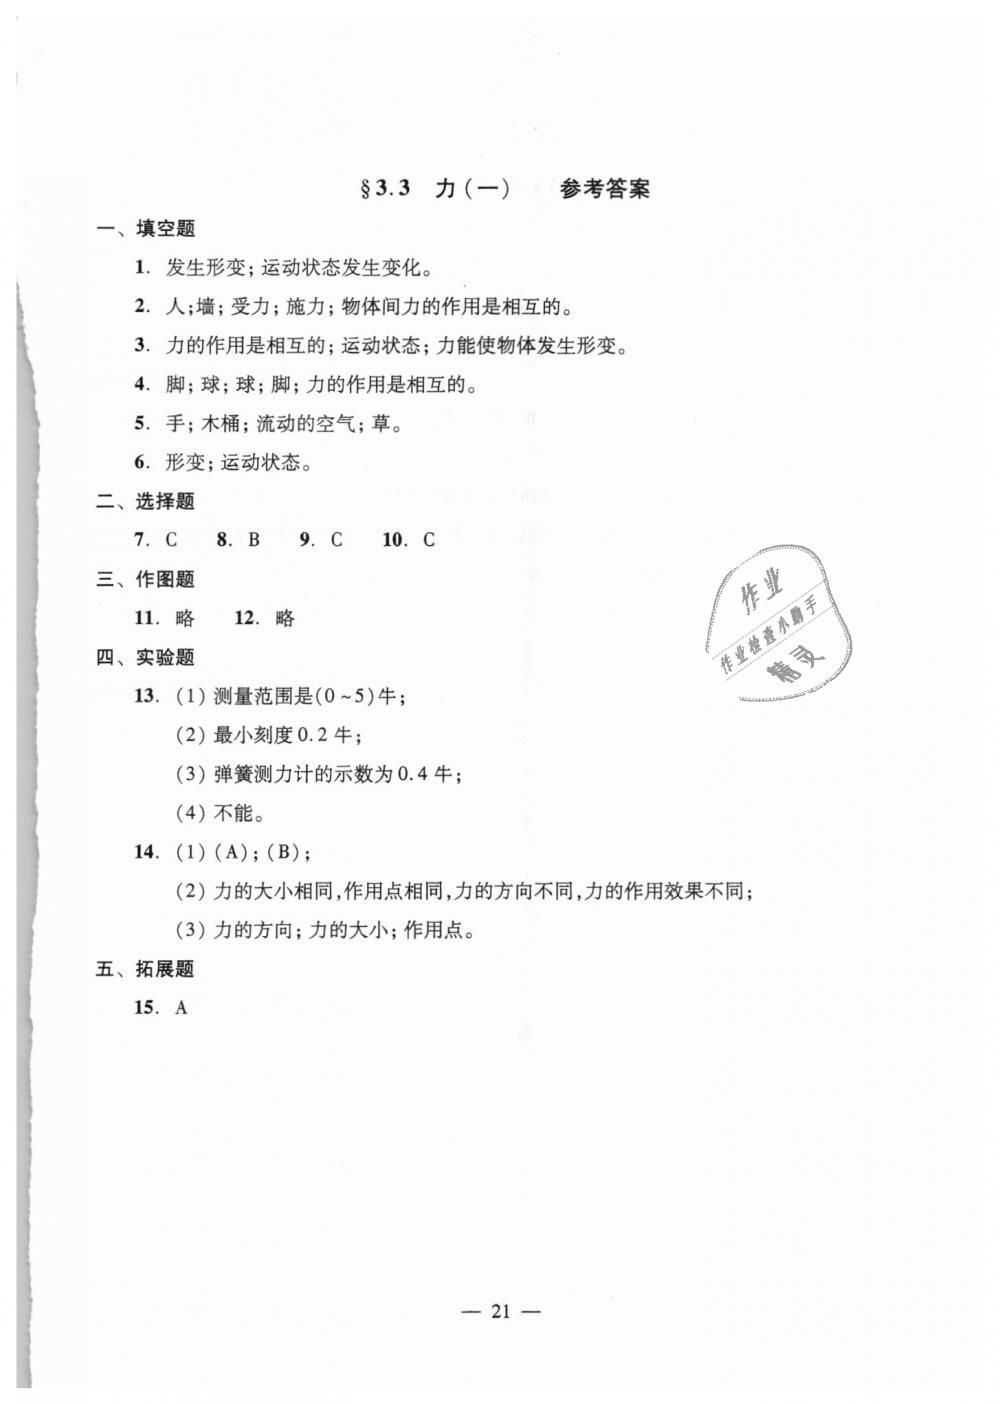 2018年初中物理双基过关堂堂练八年级全一册沪教版第21页